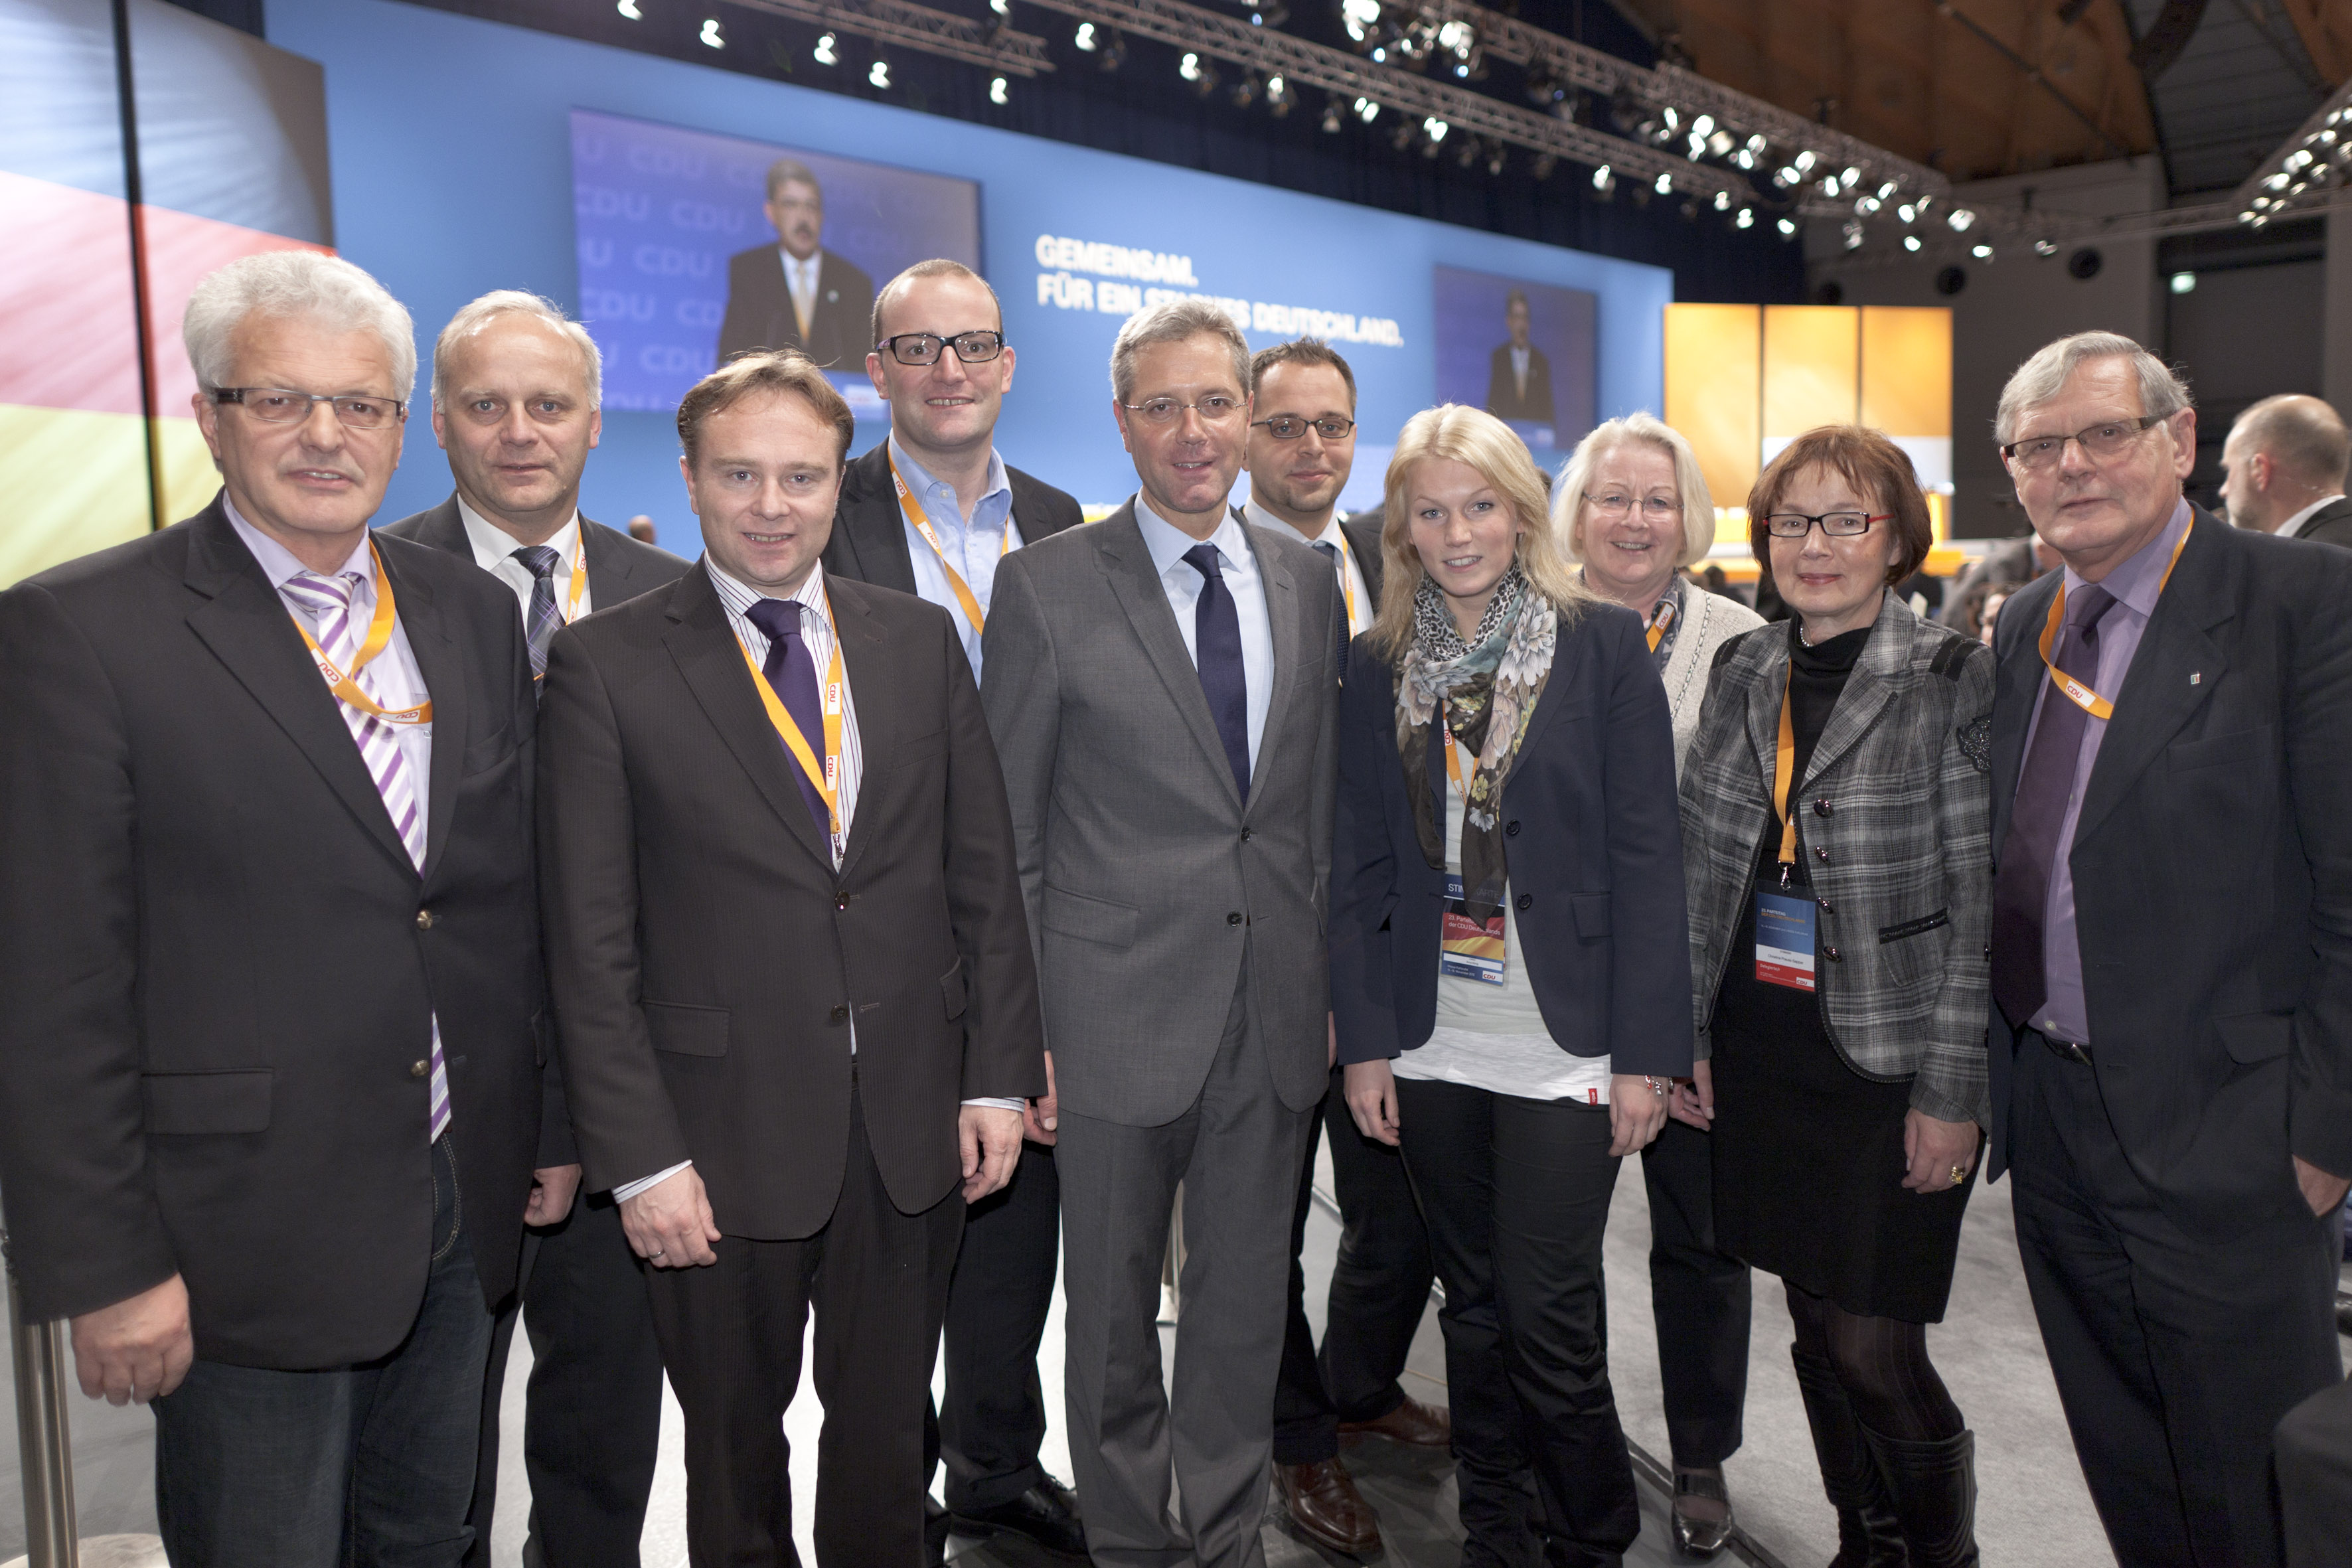 Foto der Delegierten des CDU-Kreisverbandes mit dem neuen CDU-Landesvorsitzenden der Dr. Norbert Röttgen, MdB. (Es fehlt Hendrik Wüst MdL)